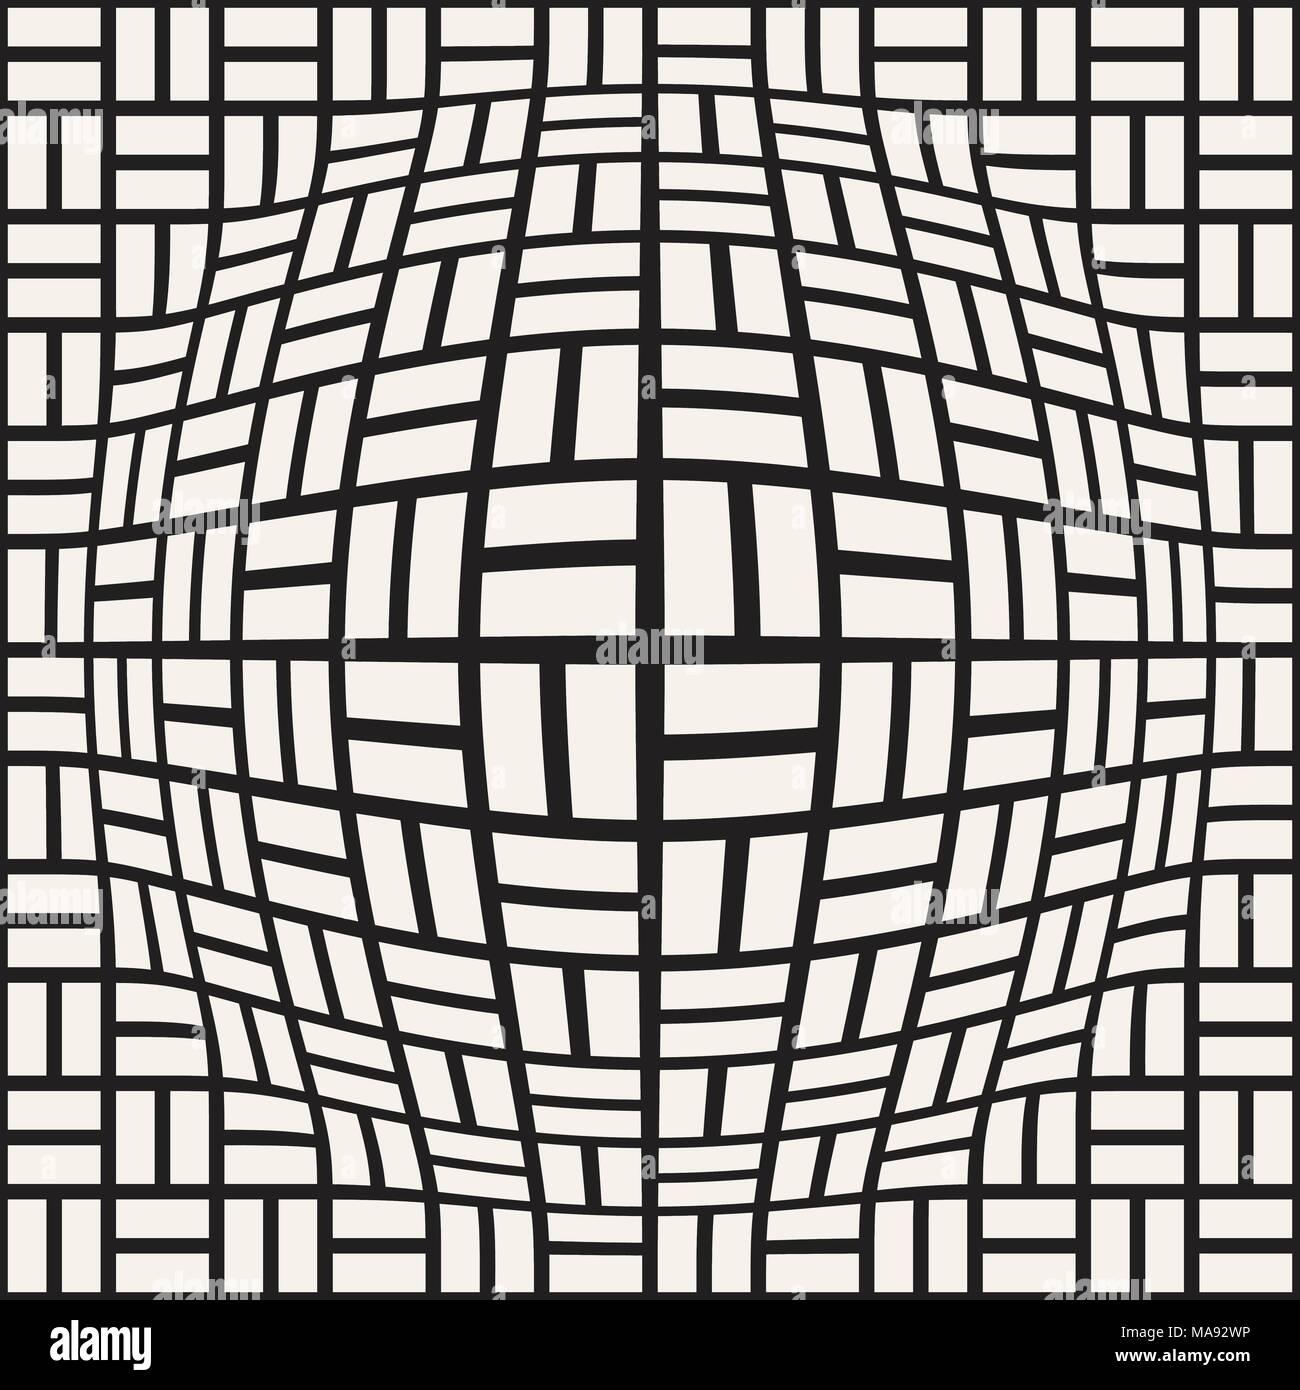 Fein Labyrinth Malvorlagen Zum Ausdrucken Fotos - Malvorlagen Von ...